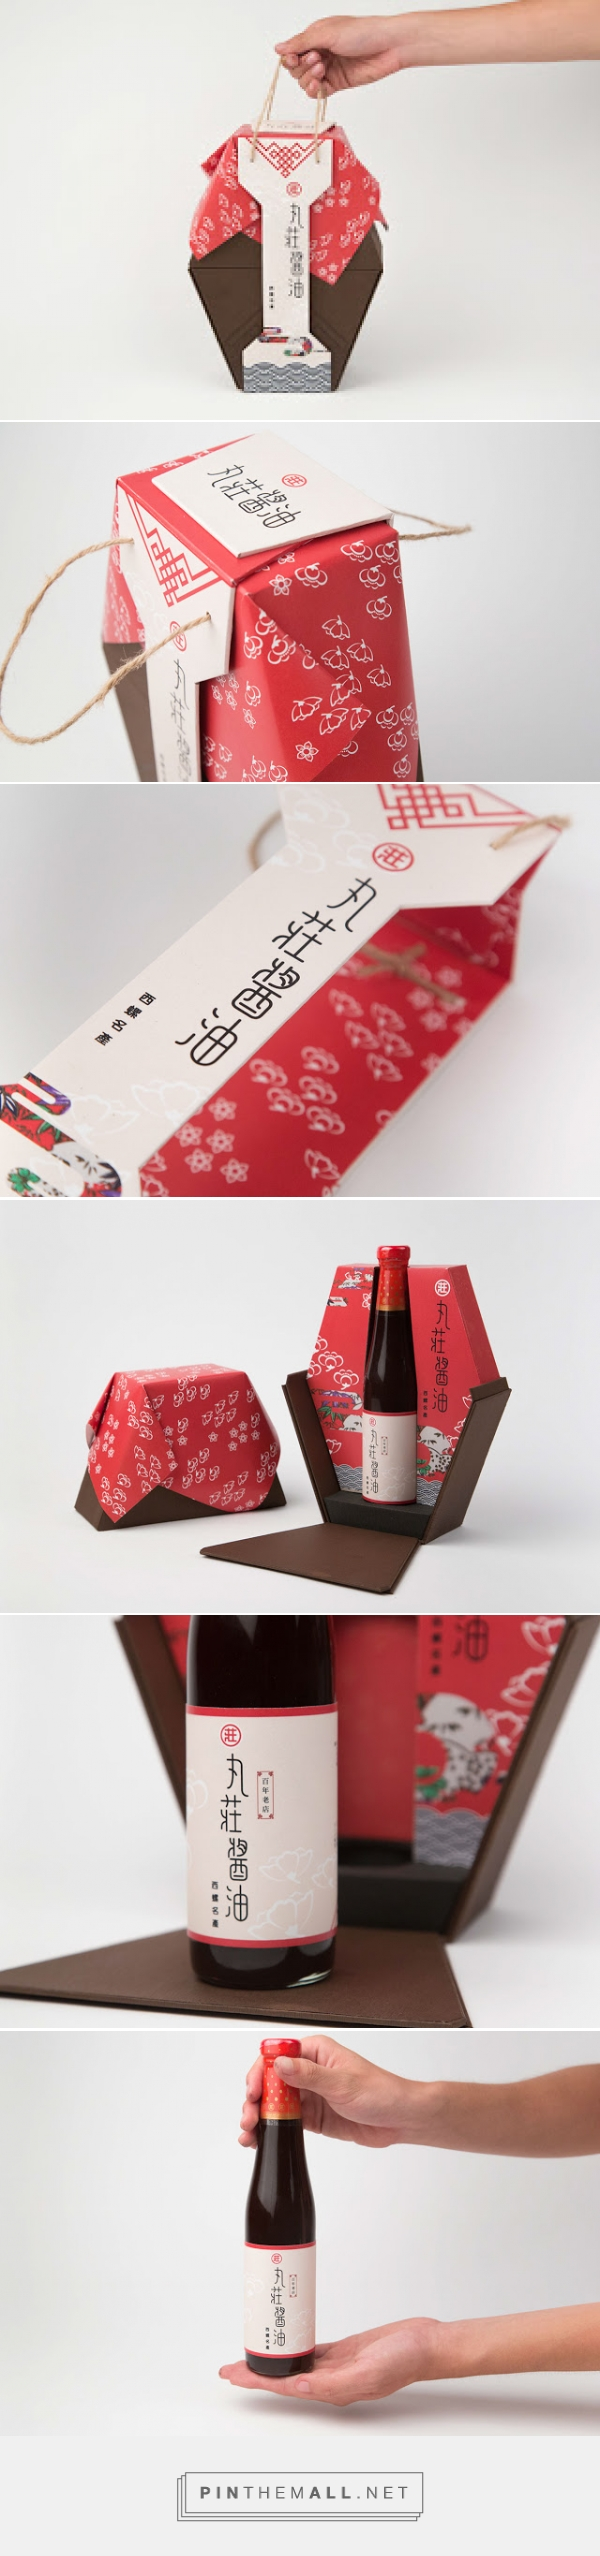 丸莊醬油 - Soy Sauce Packaging         on          Packaging of the World - Creative Package Design Gallery - created via https://pinthemall.net